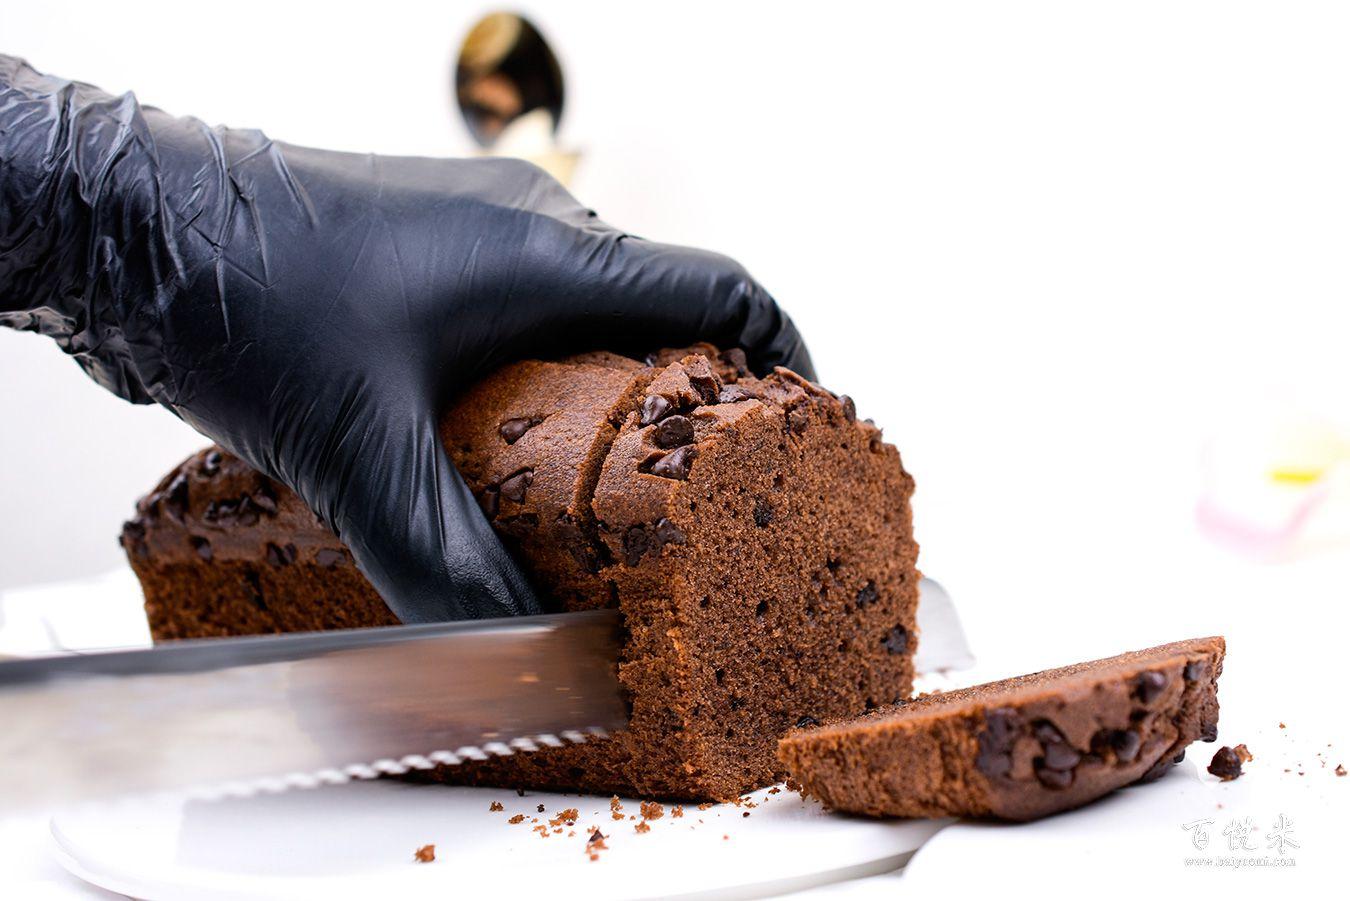 巧克力磅蛋糕高清图片大全【蛋糕图片】_326